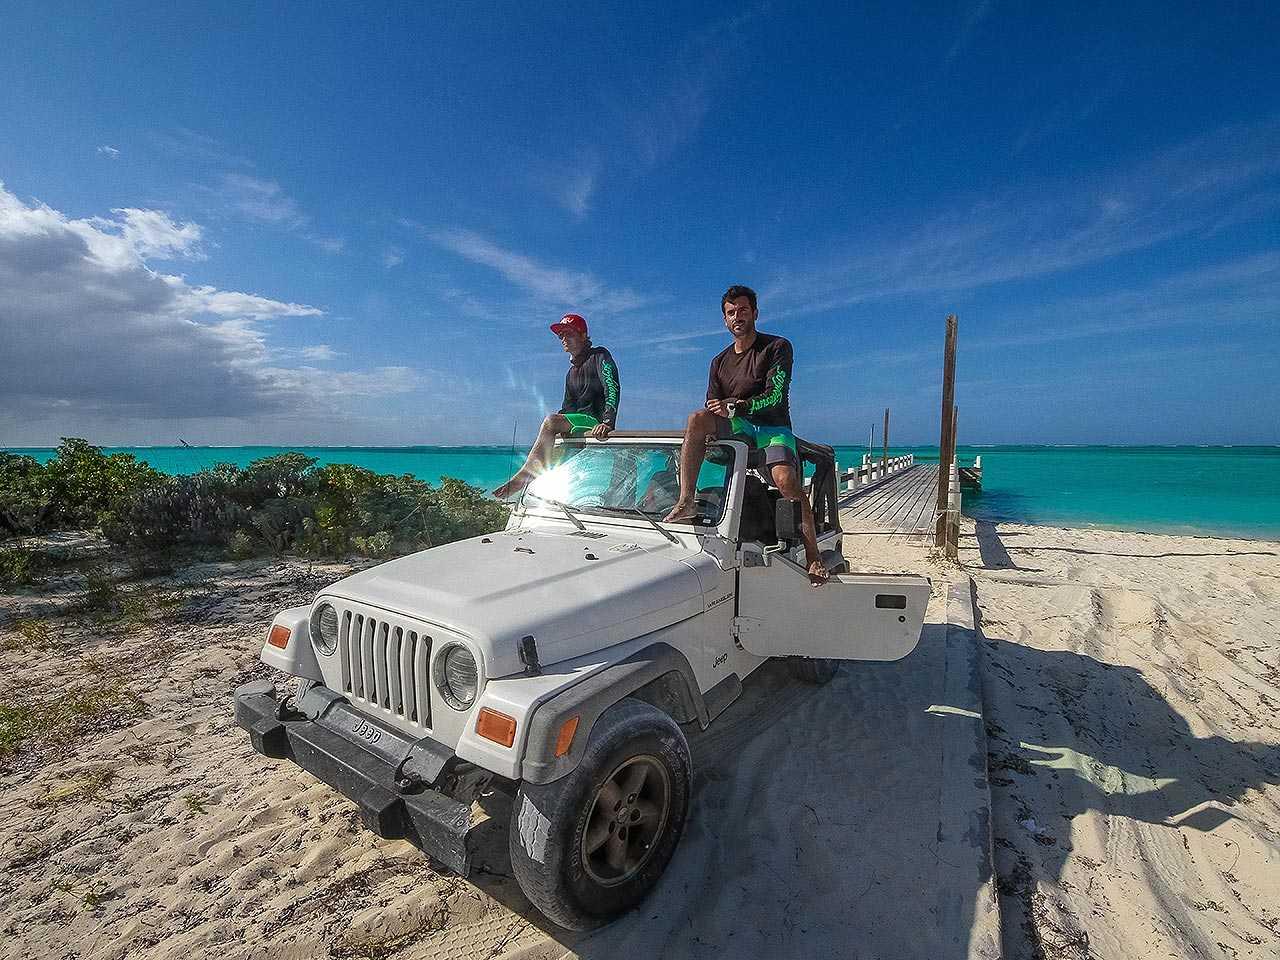 Veículo na praia exige alguns cuidados adicionais de manutenção